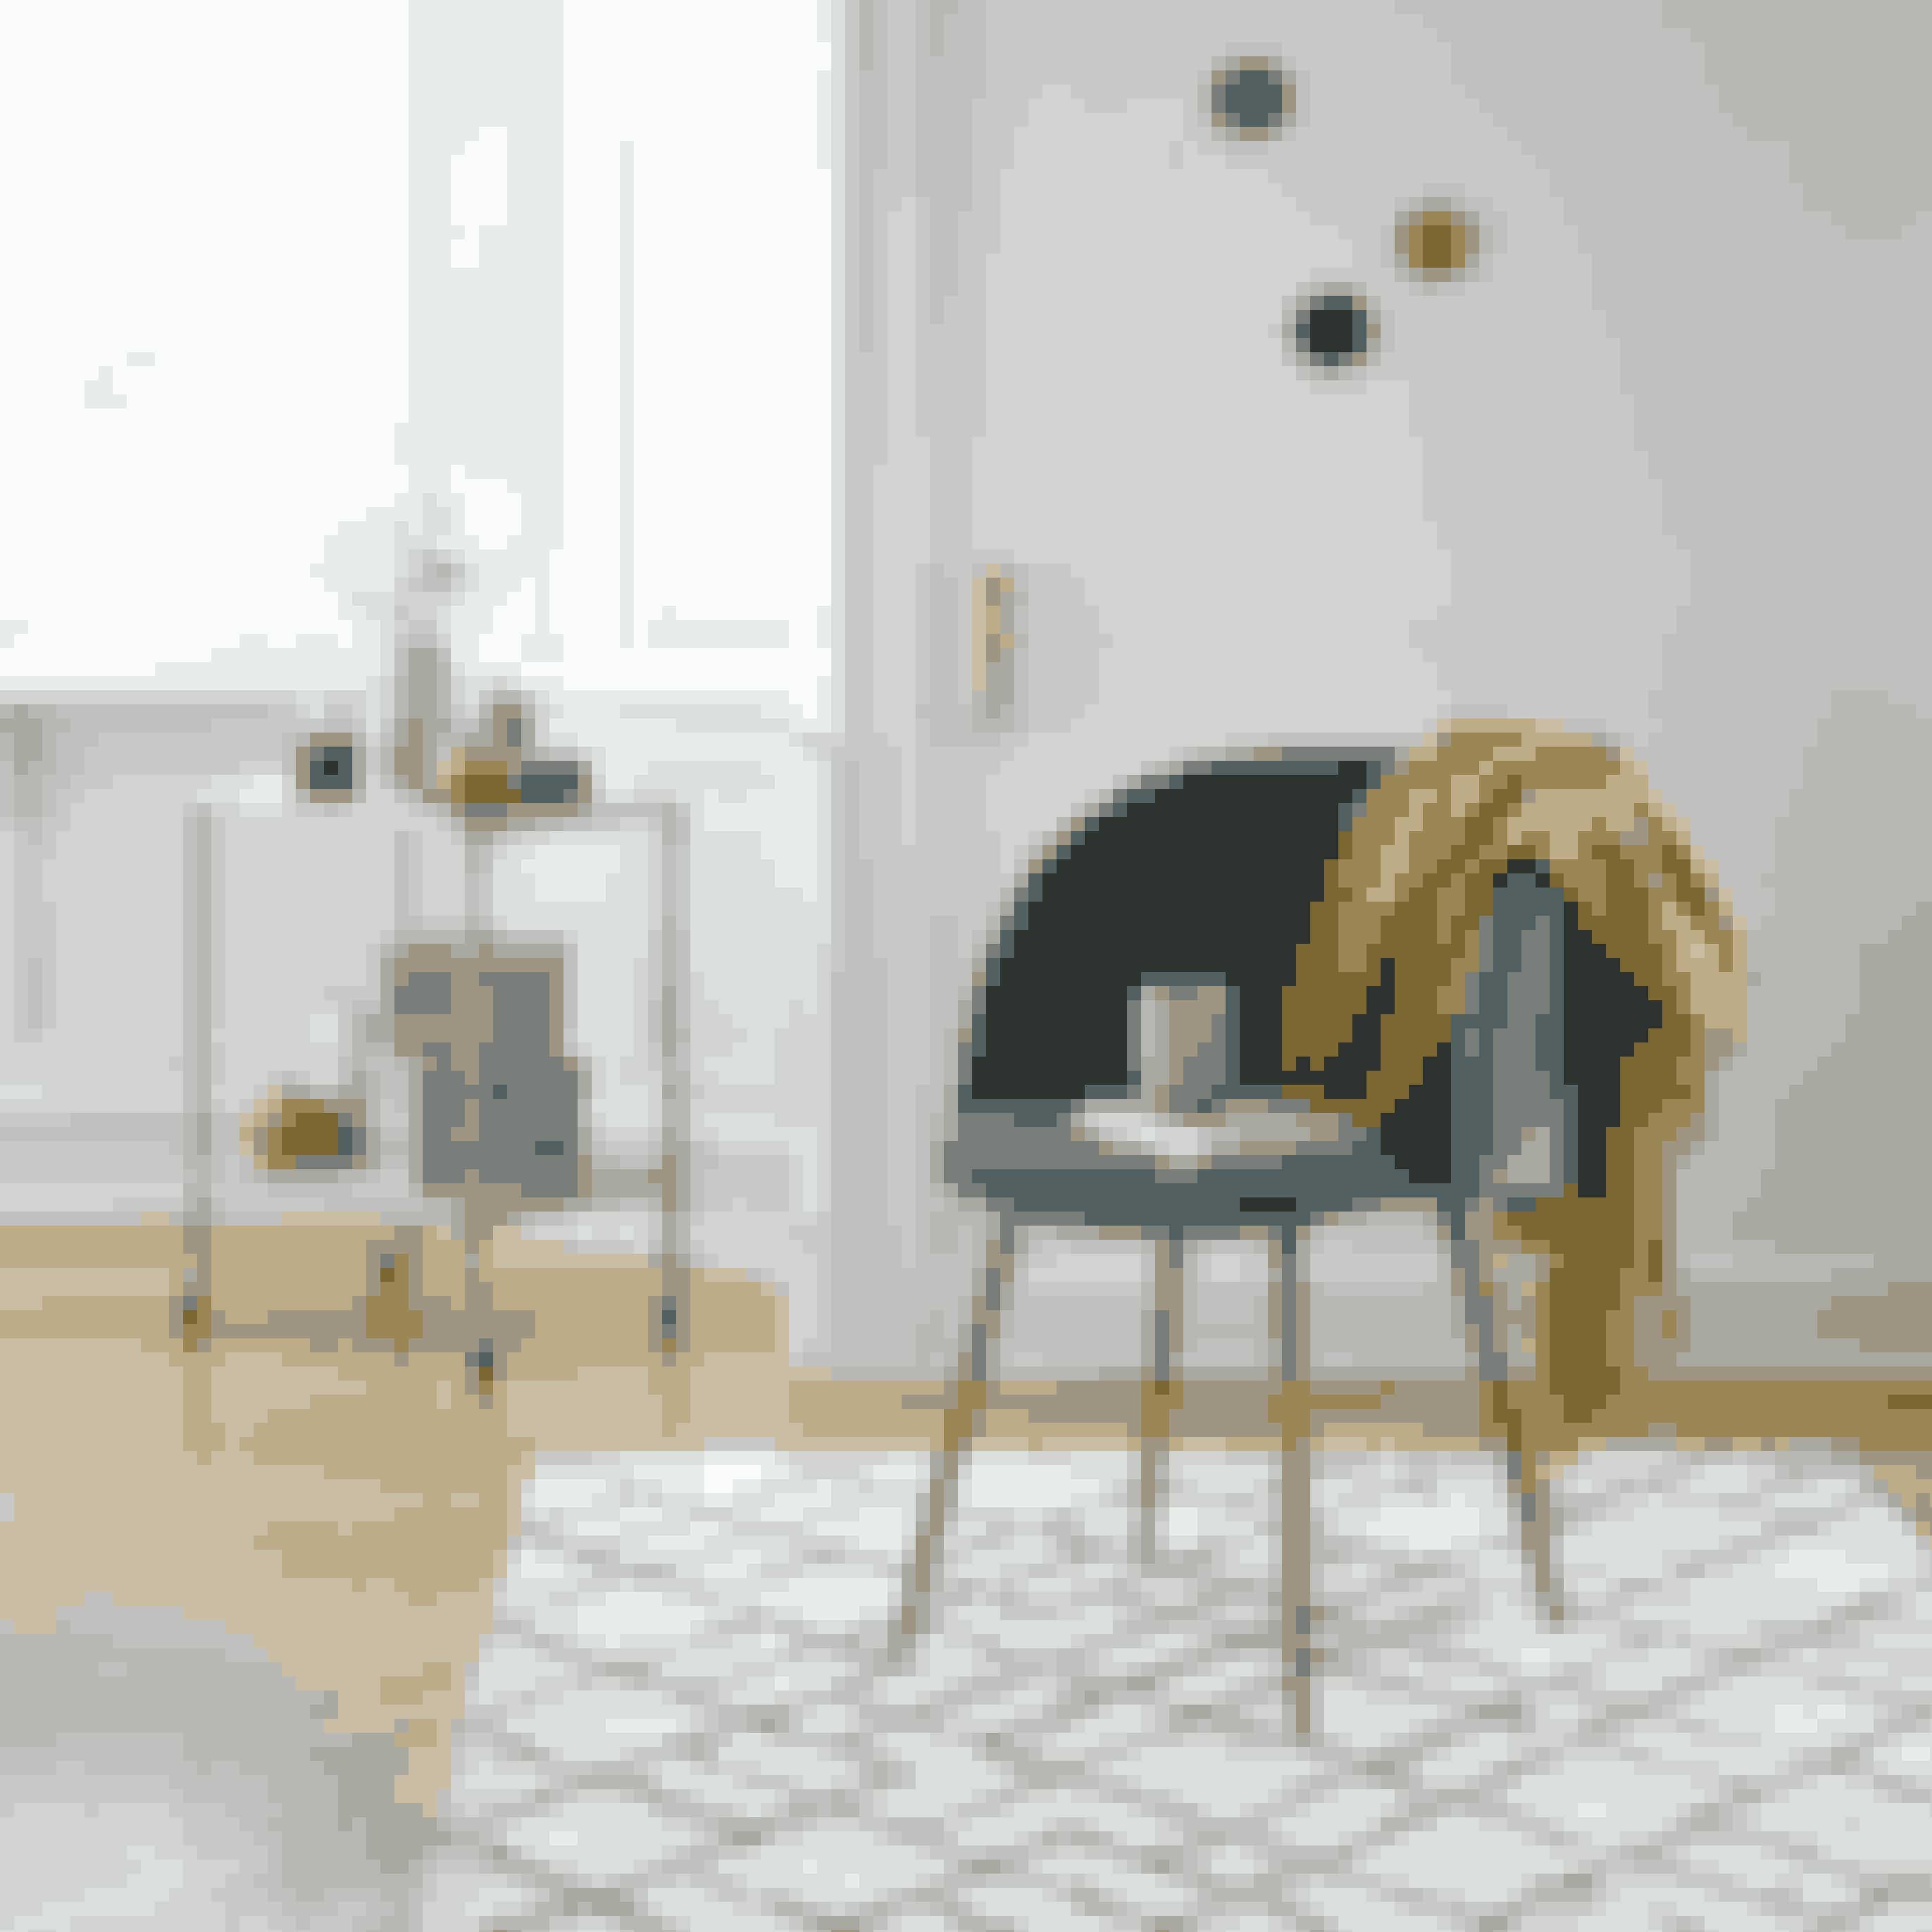 Få det romantiske og ekstravagnte look med denne velourstol. Stolen er en fin kombination af parisisk og nordisk design. brug stolen ved dit spisebord eller som midtpunkt i en hyggekrog med lækre tekstiler, der varmer.Stol, 389 kr.